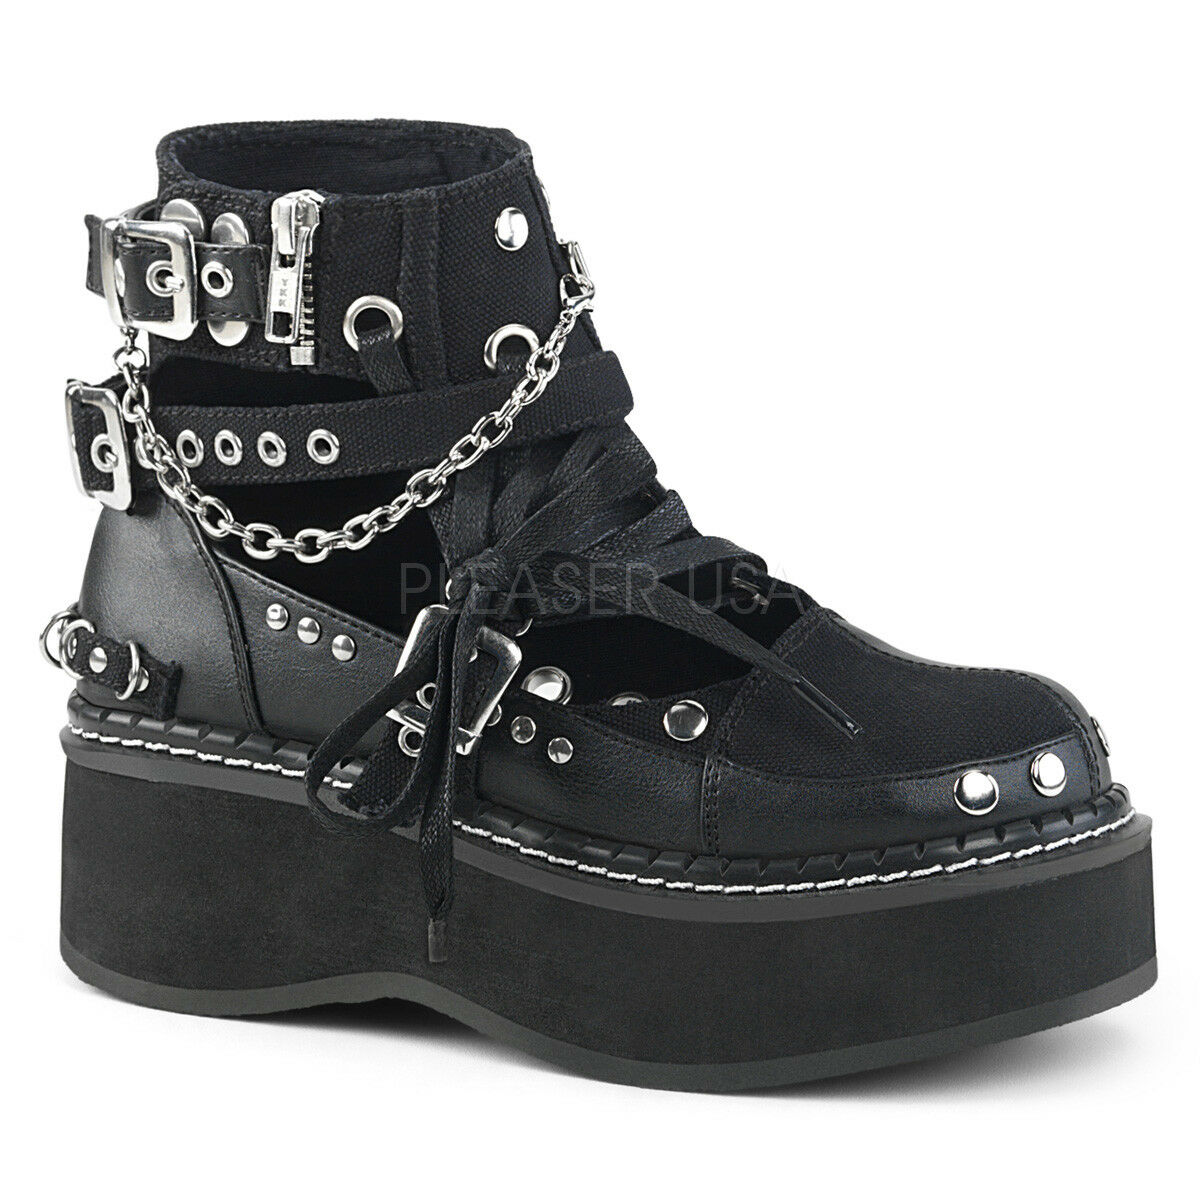 Demonia Negro Lona Hebilla Cadena 2  Plataforma botas botas botas Punk Goth Stud recorte 6-12  grandes ofertas